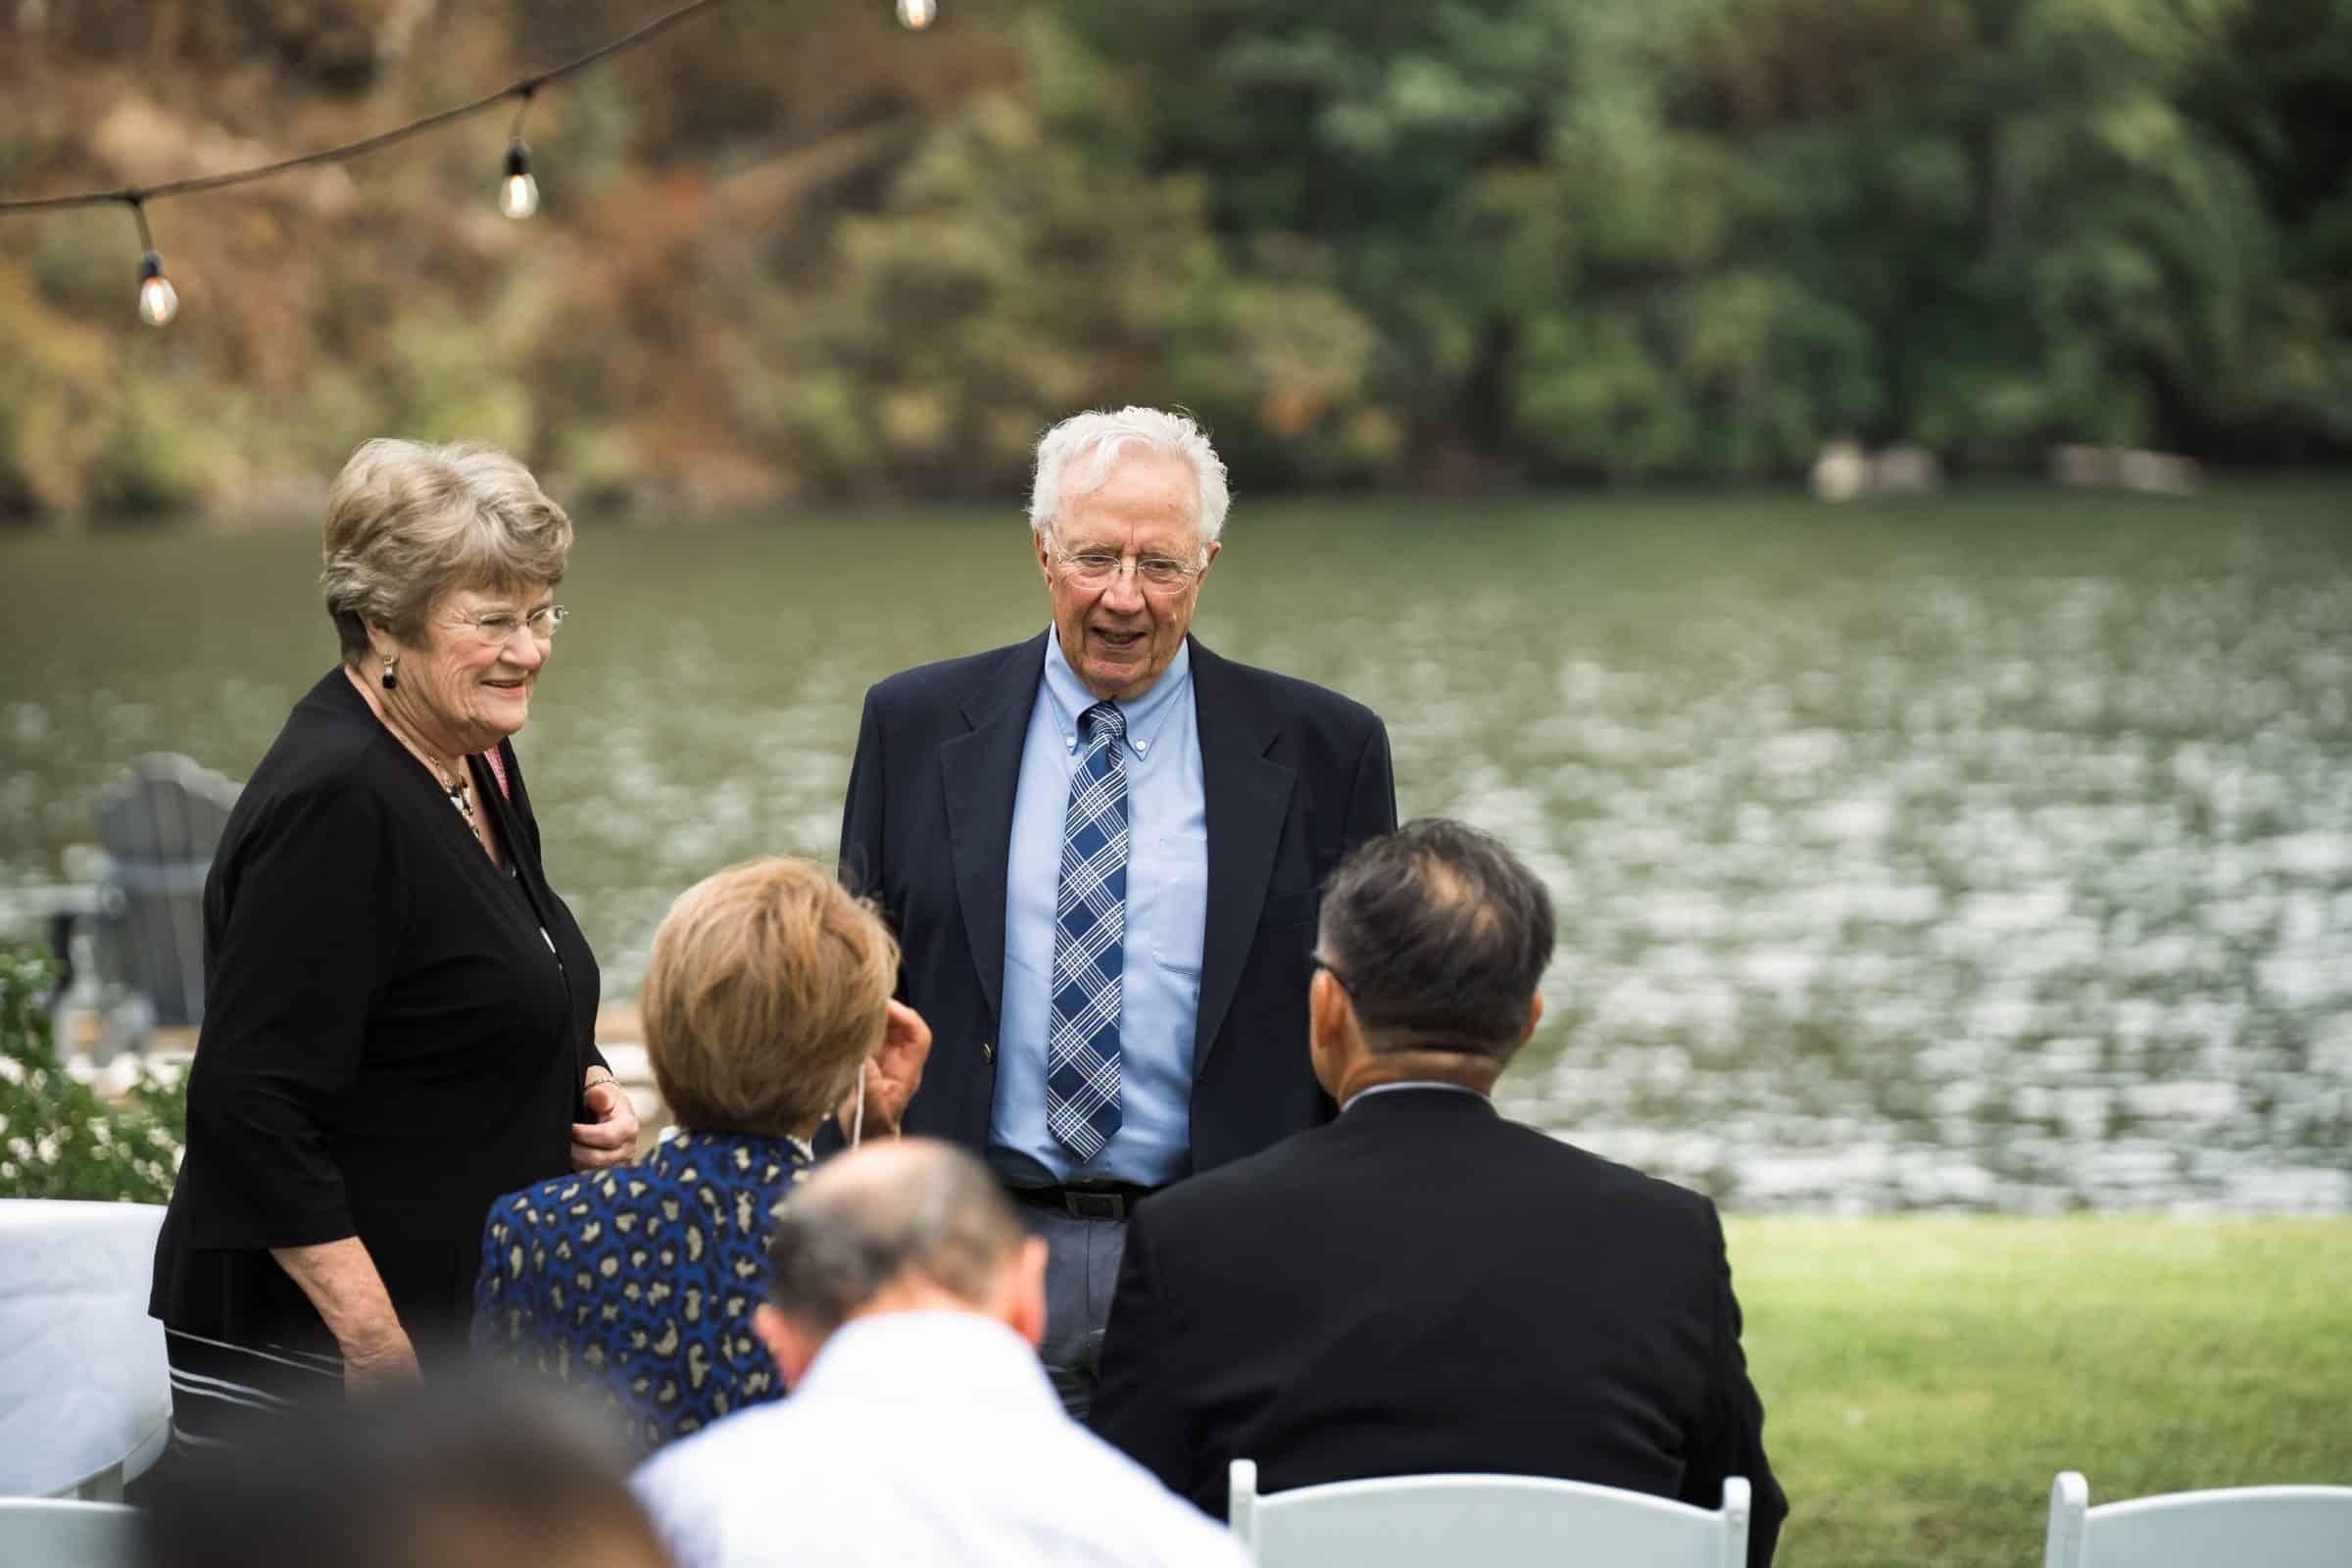 guests mingling at backyard wedding